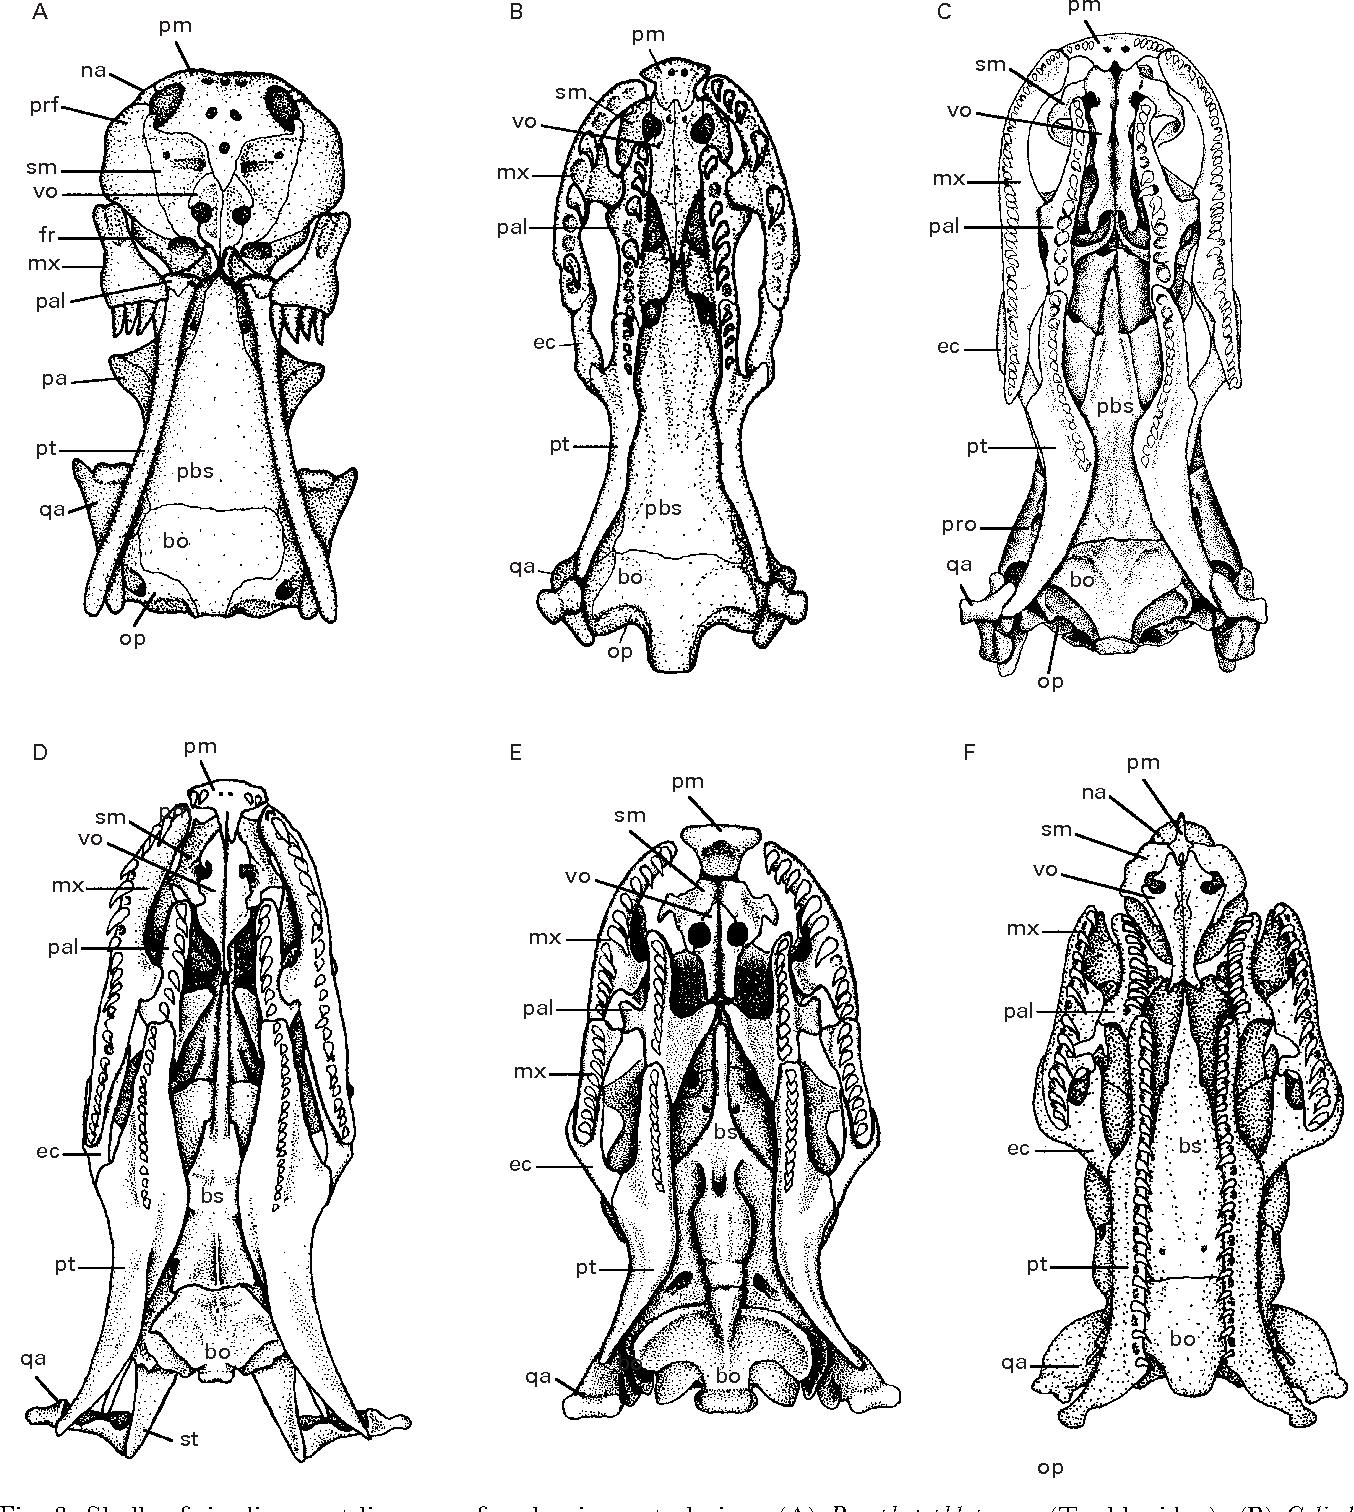 Snake phylogeny based on osteology, soft anatomy and ecology ...